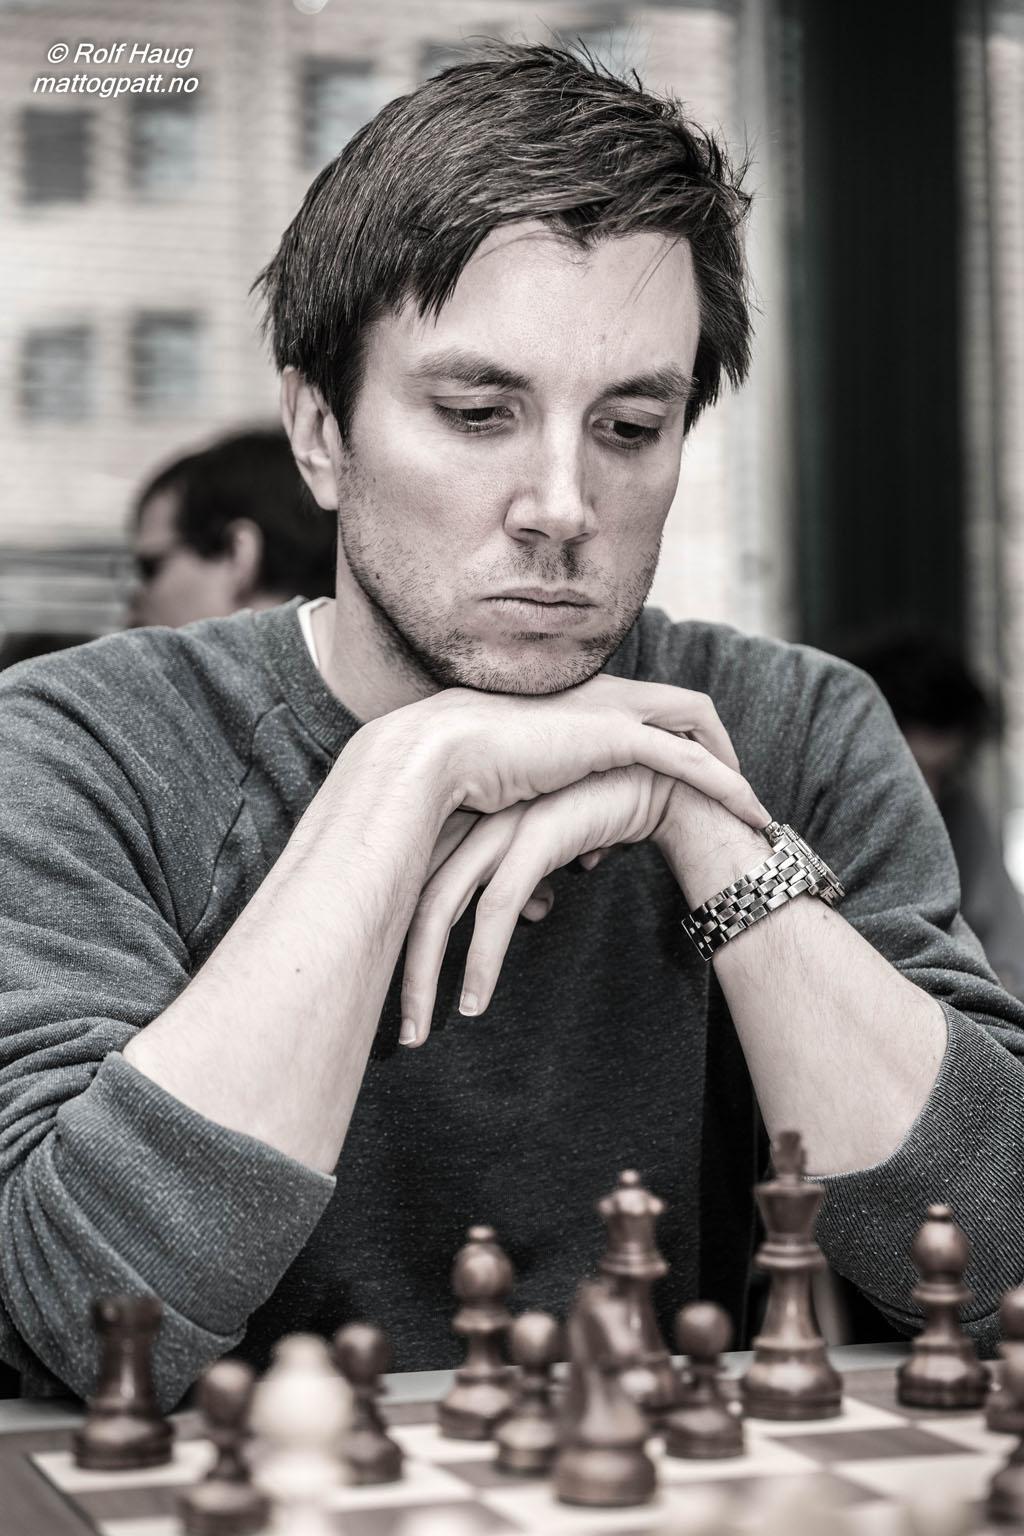 Leif Erlend Johannessen